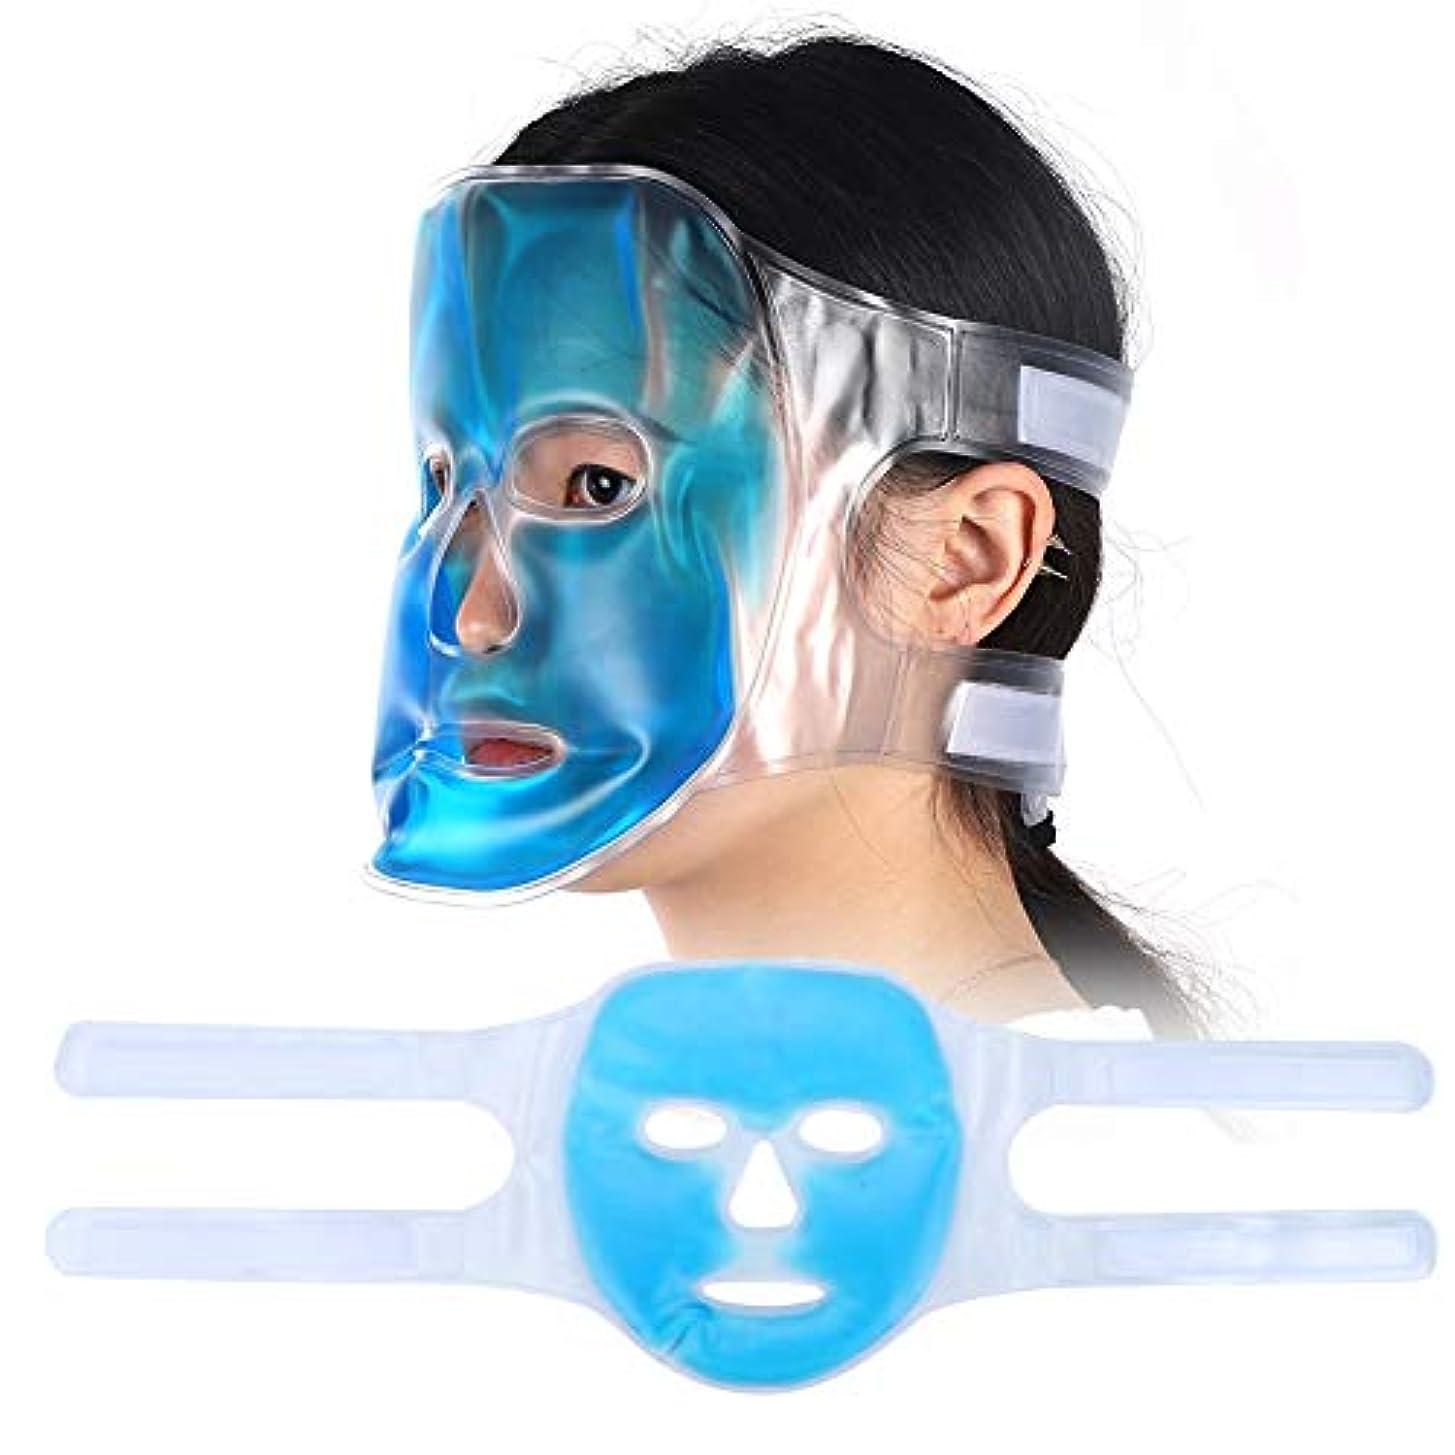 ドリル欲望幽霊保湿 ジェルブルーフェイスマスク 疲労緩和 リラクゼーションフル フェイスクーリングマスク